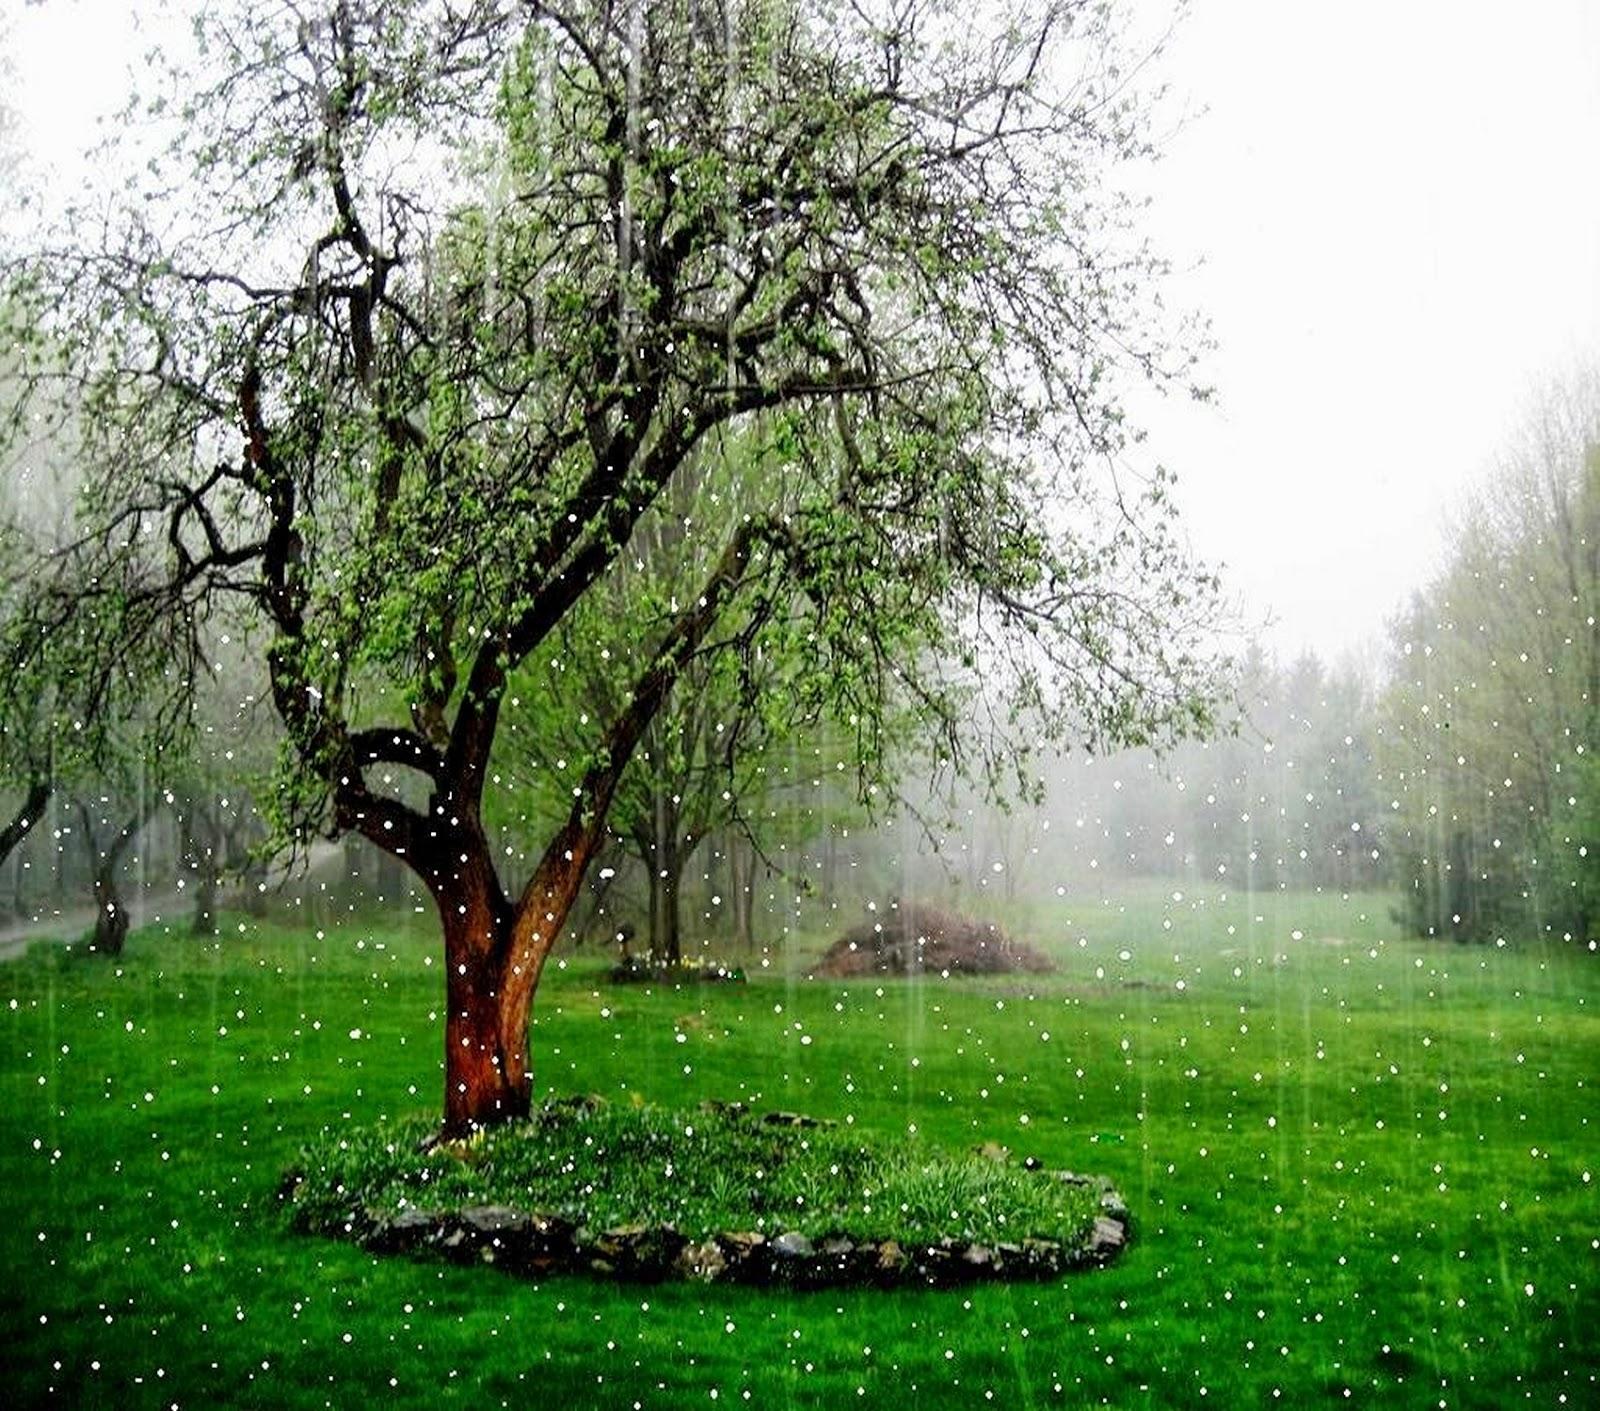 Beautiful-Rain-Falling whatsapp dp - Tech PC Tricks